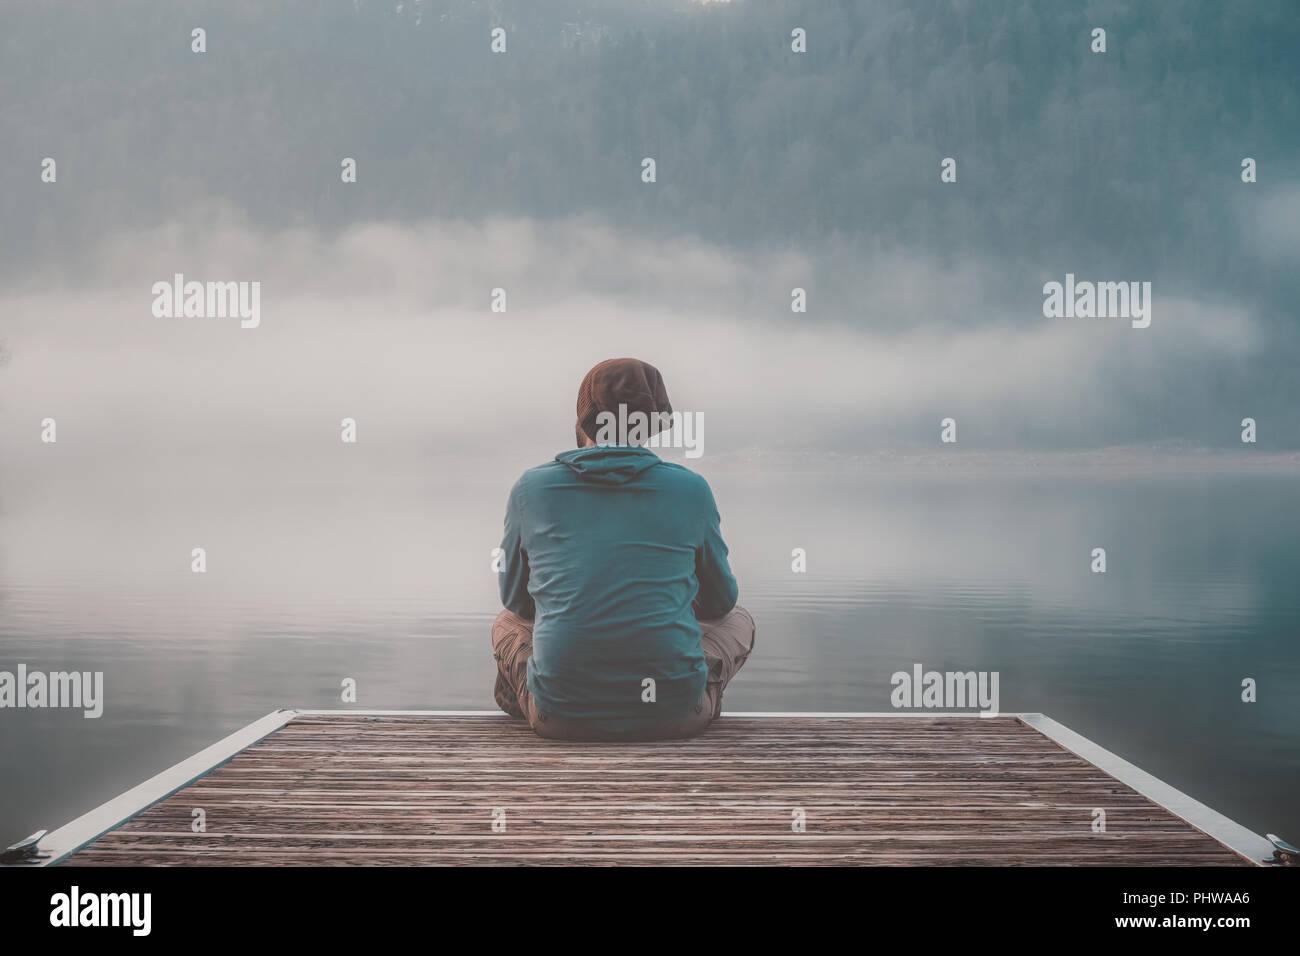 Jeune homme avec capuche assis sur la jetée d'un lac en un jour brumeux. Banque D'Images